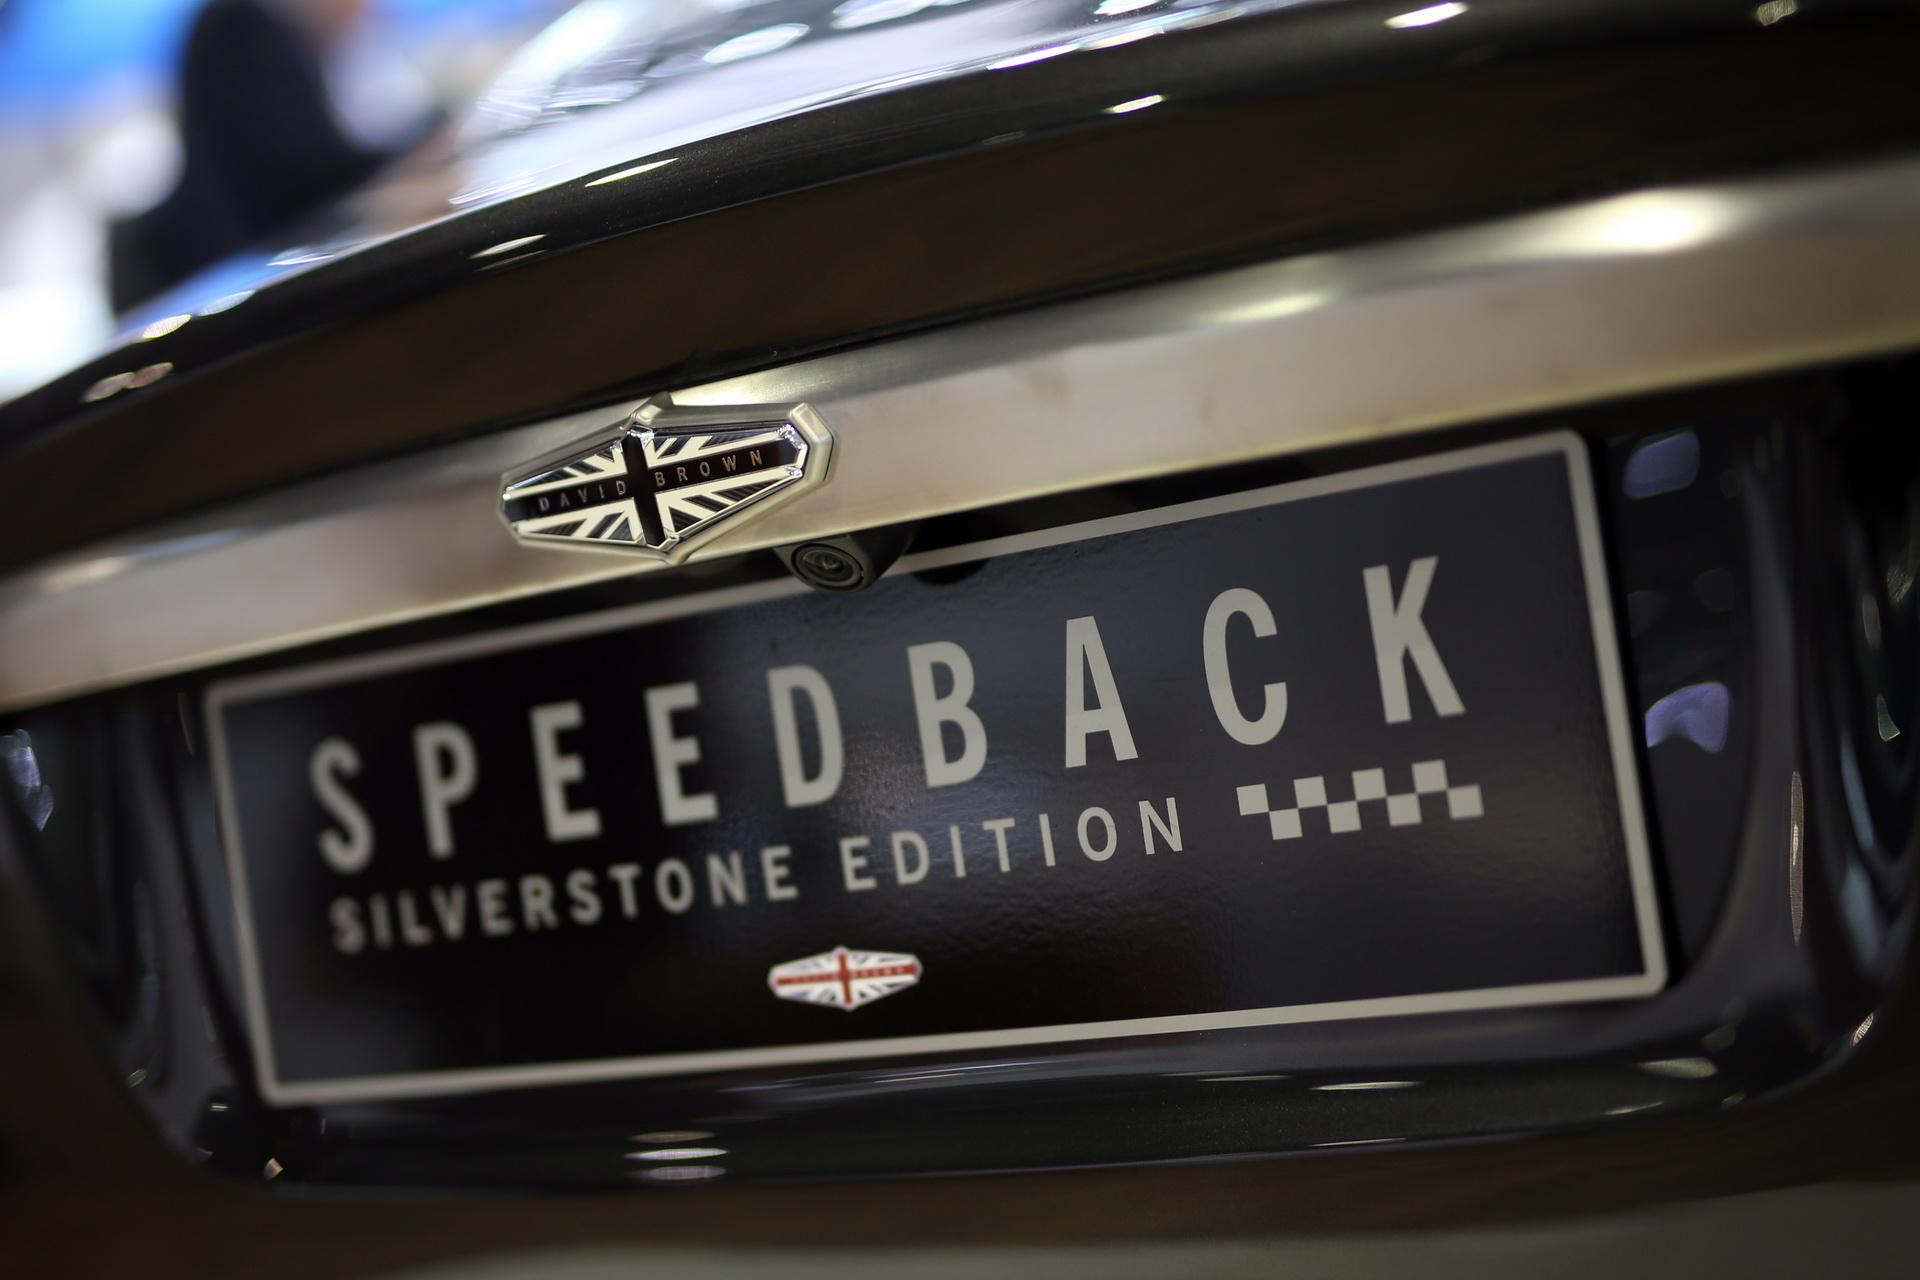 Speedback-Silverstone-Edition-9